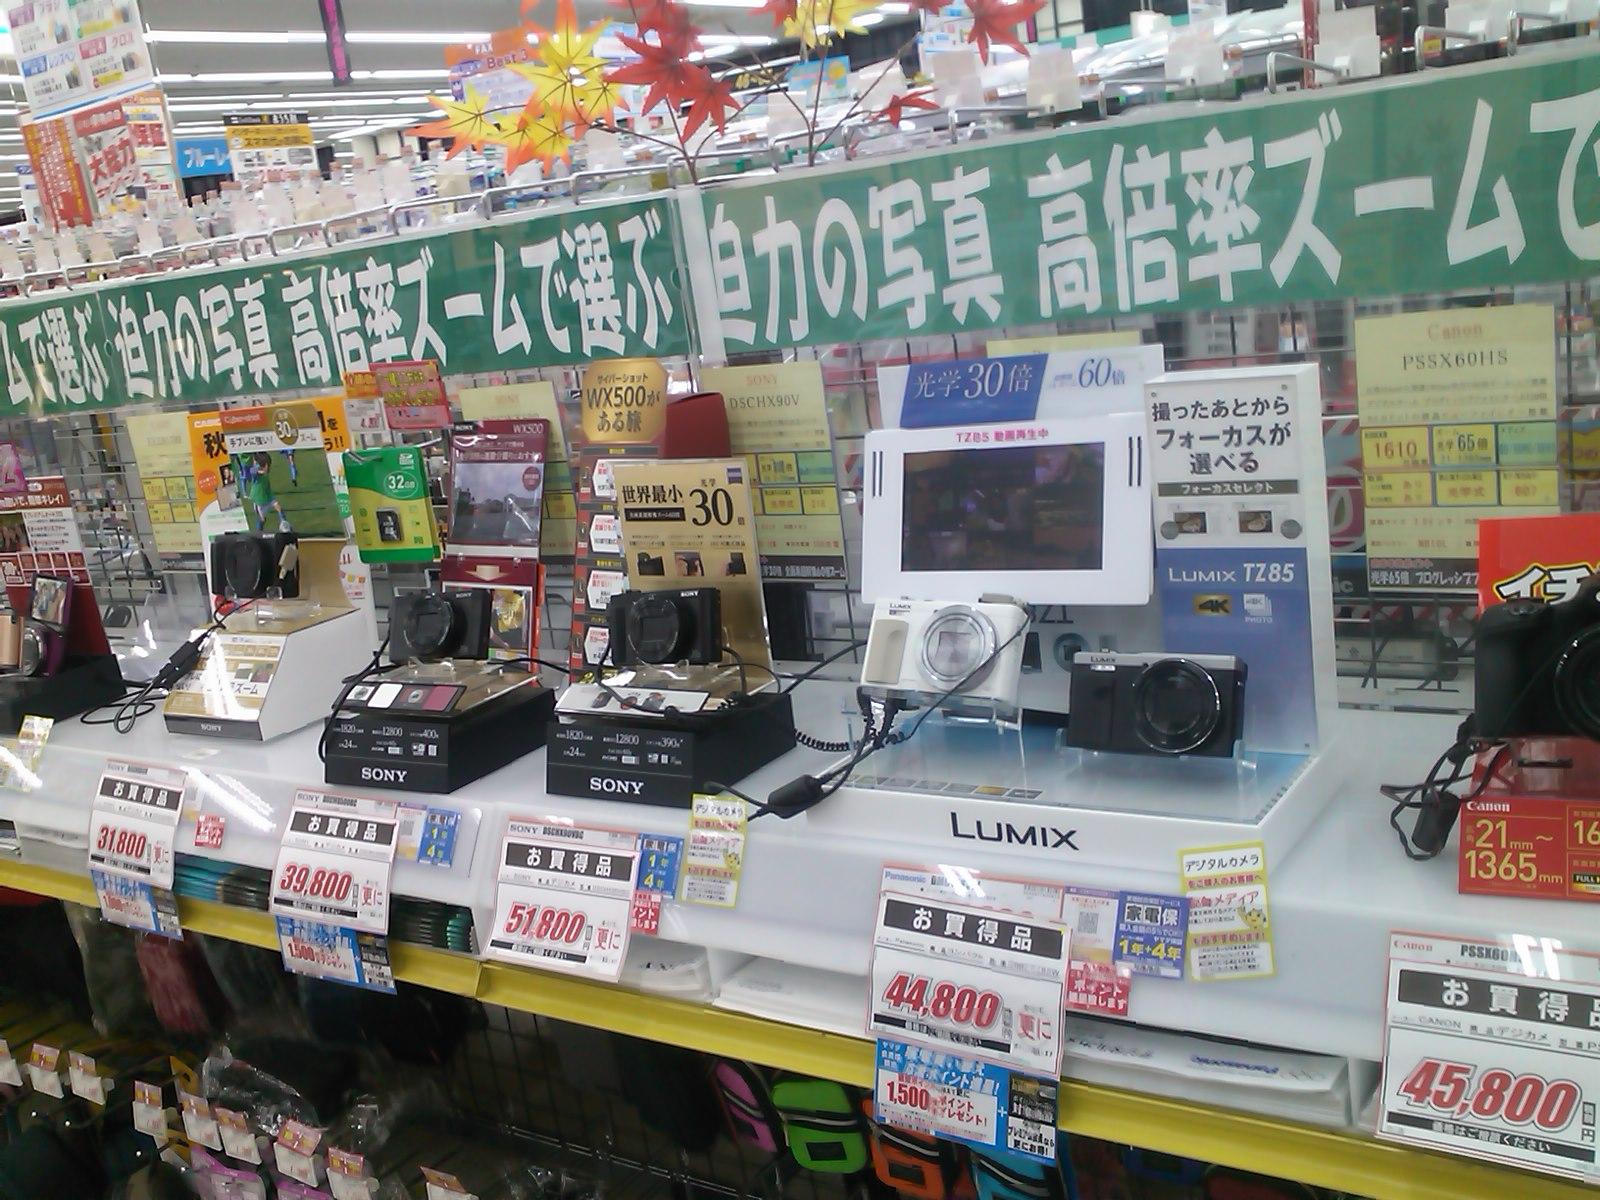 熊本地震の被害..._b0137932_17503147.jpg